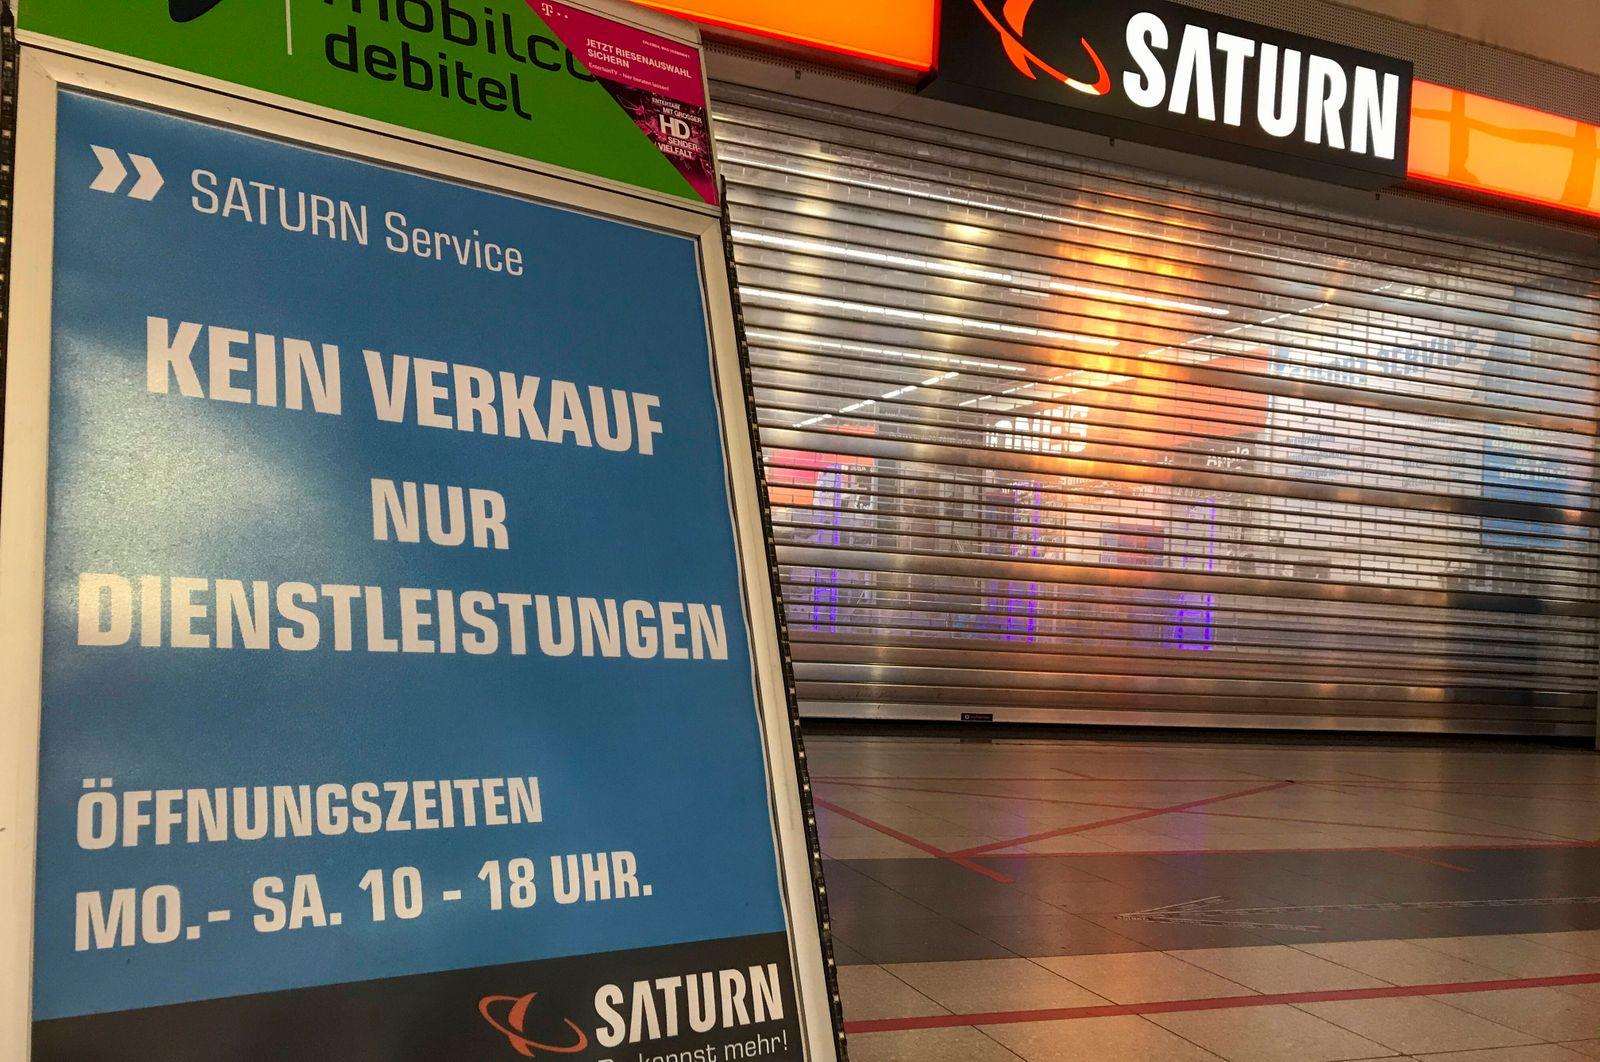 Lockdown wegen Coronavirus Wegen Corona geschlossenes Saturn-Gesch?ft in Offenbach am Main am 29.12.2020. Offenbach am M